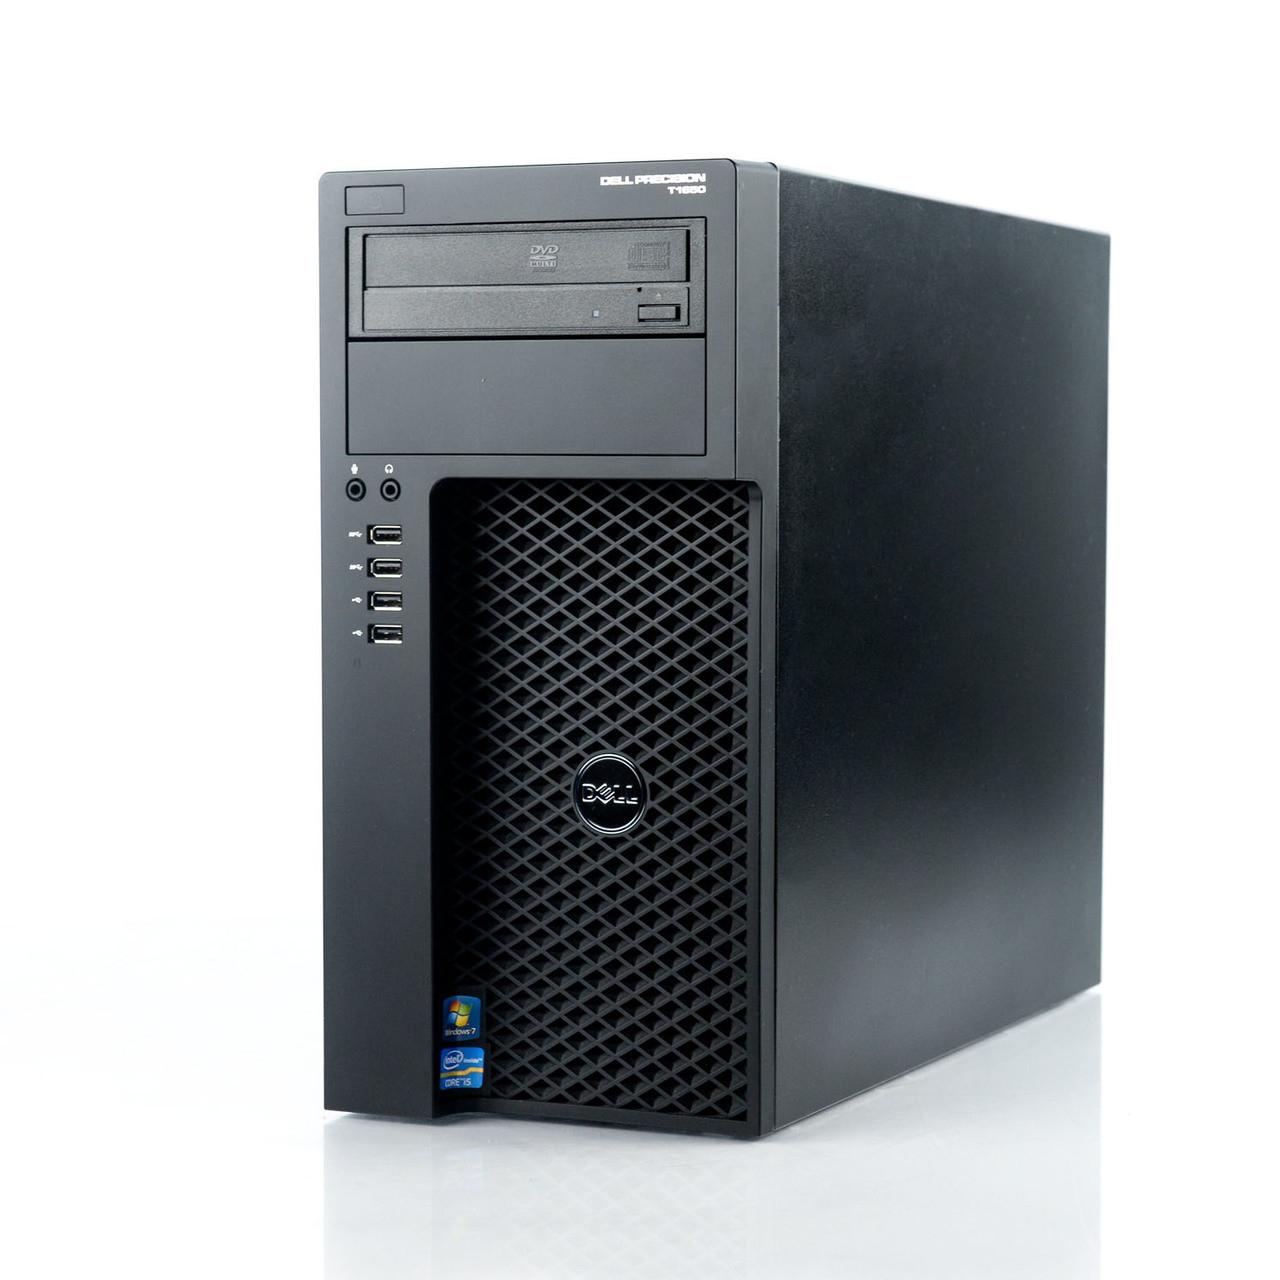 Dell Precision T1650 AMD FirePro V4900 Graphcis Driver Download